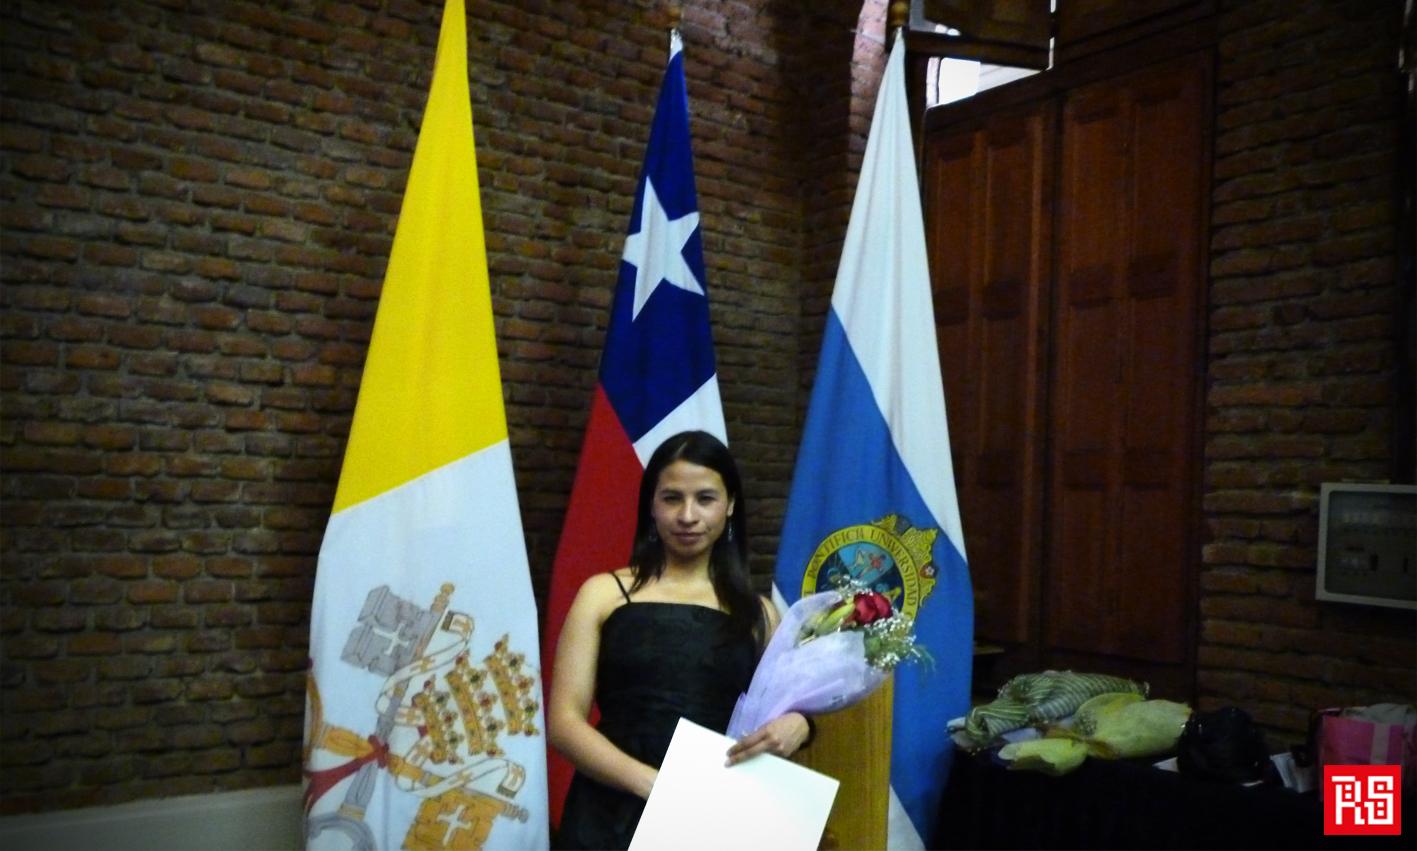 La revalidación de títulos de estudiantes extranjeros en Chile